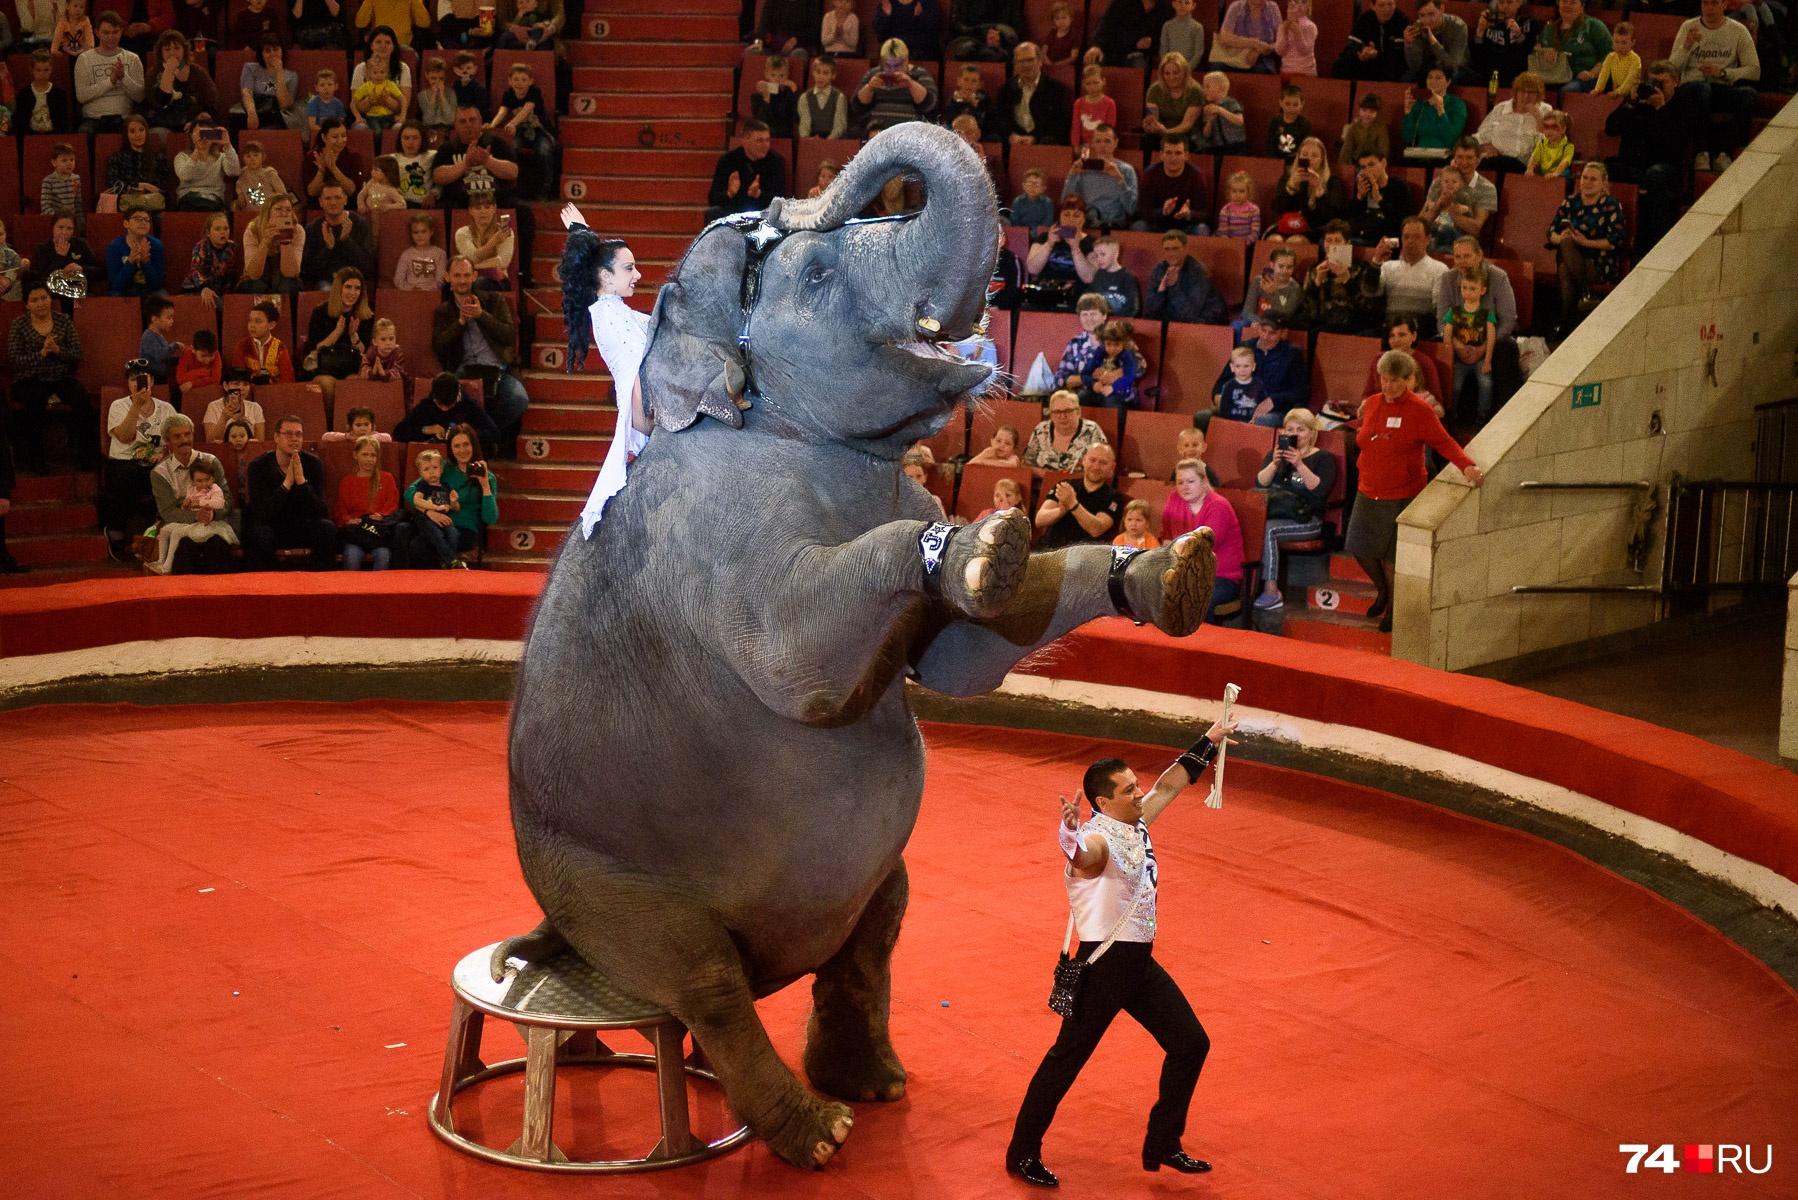 Руководитель номера — дрессировщик Кристиан Гертнер, артист цирка впятом поколении.